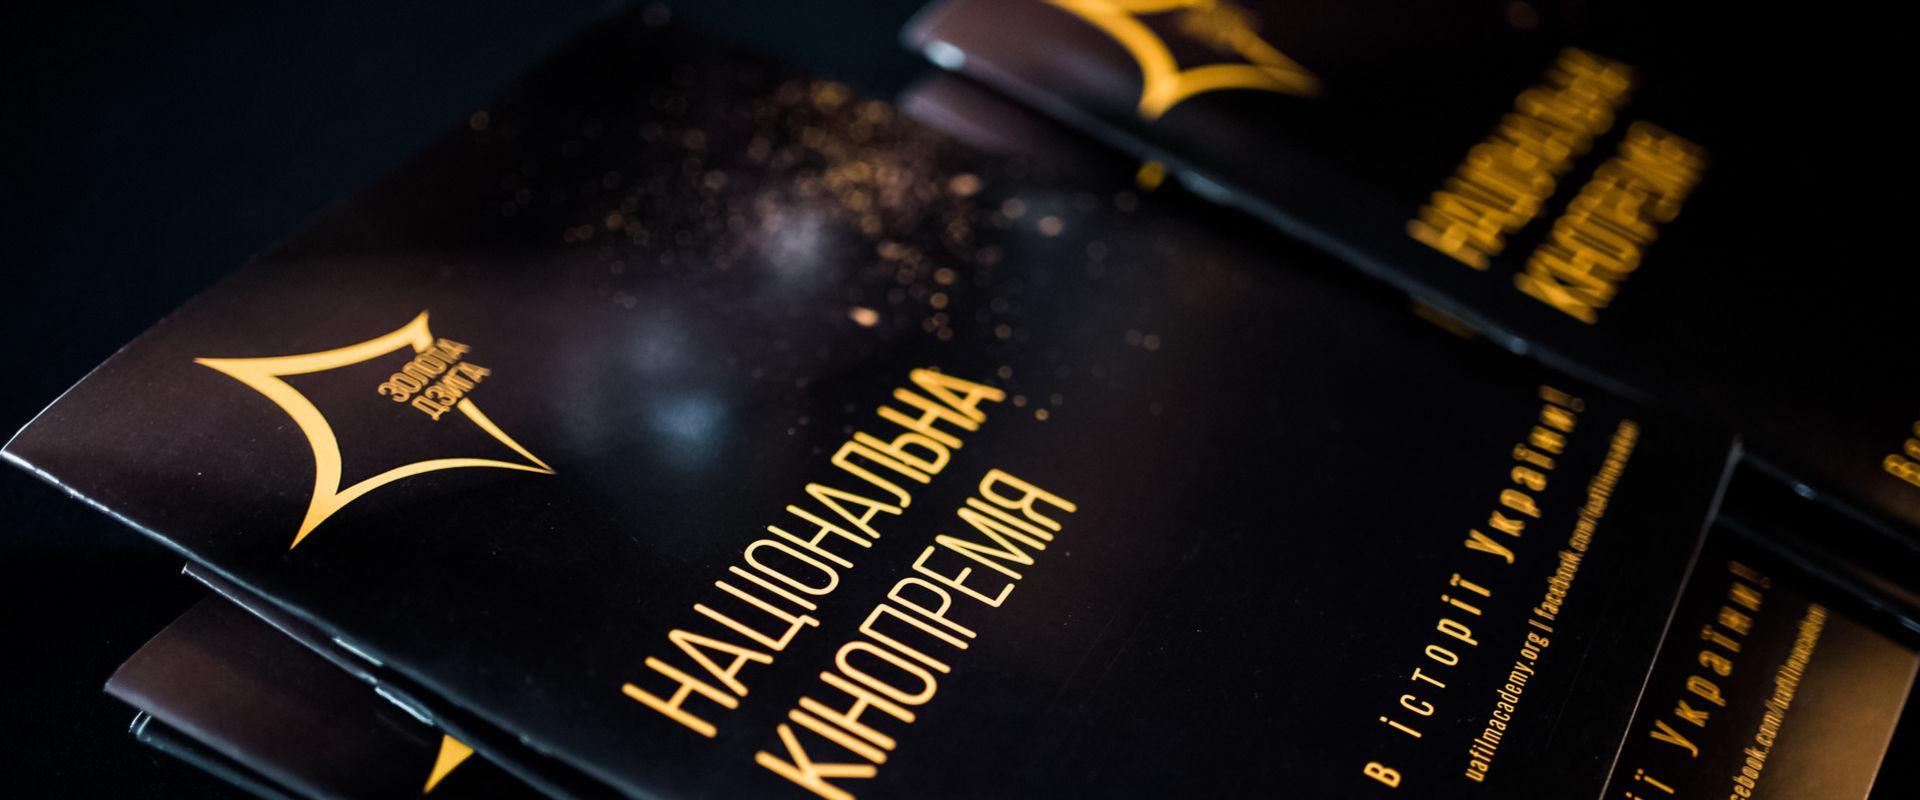 Українська кіноакадемія приймає заявки на участь фільмів у боротьбі за Другу Національну кінопремію «Золота Дзиґа»